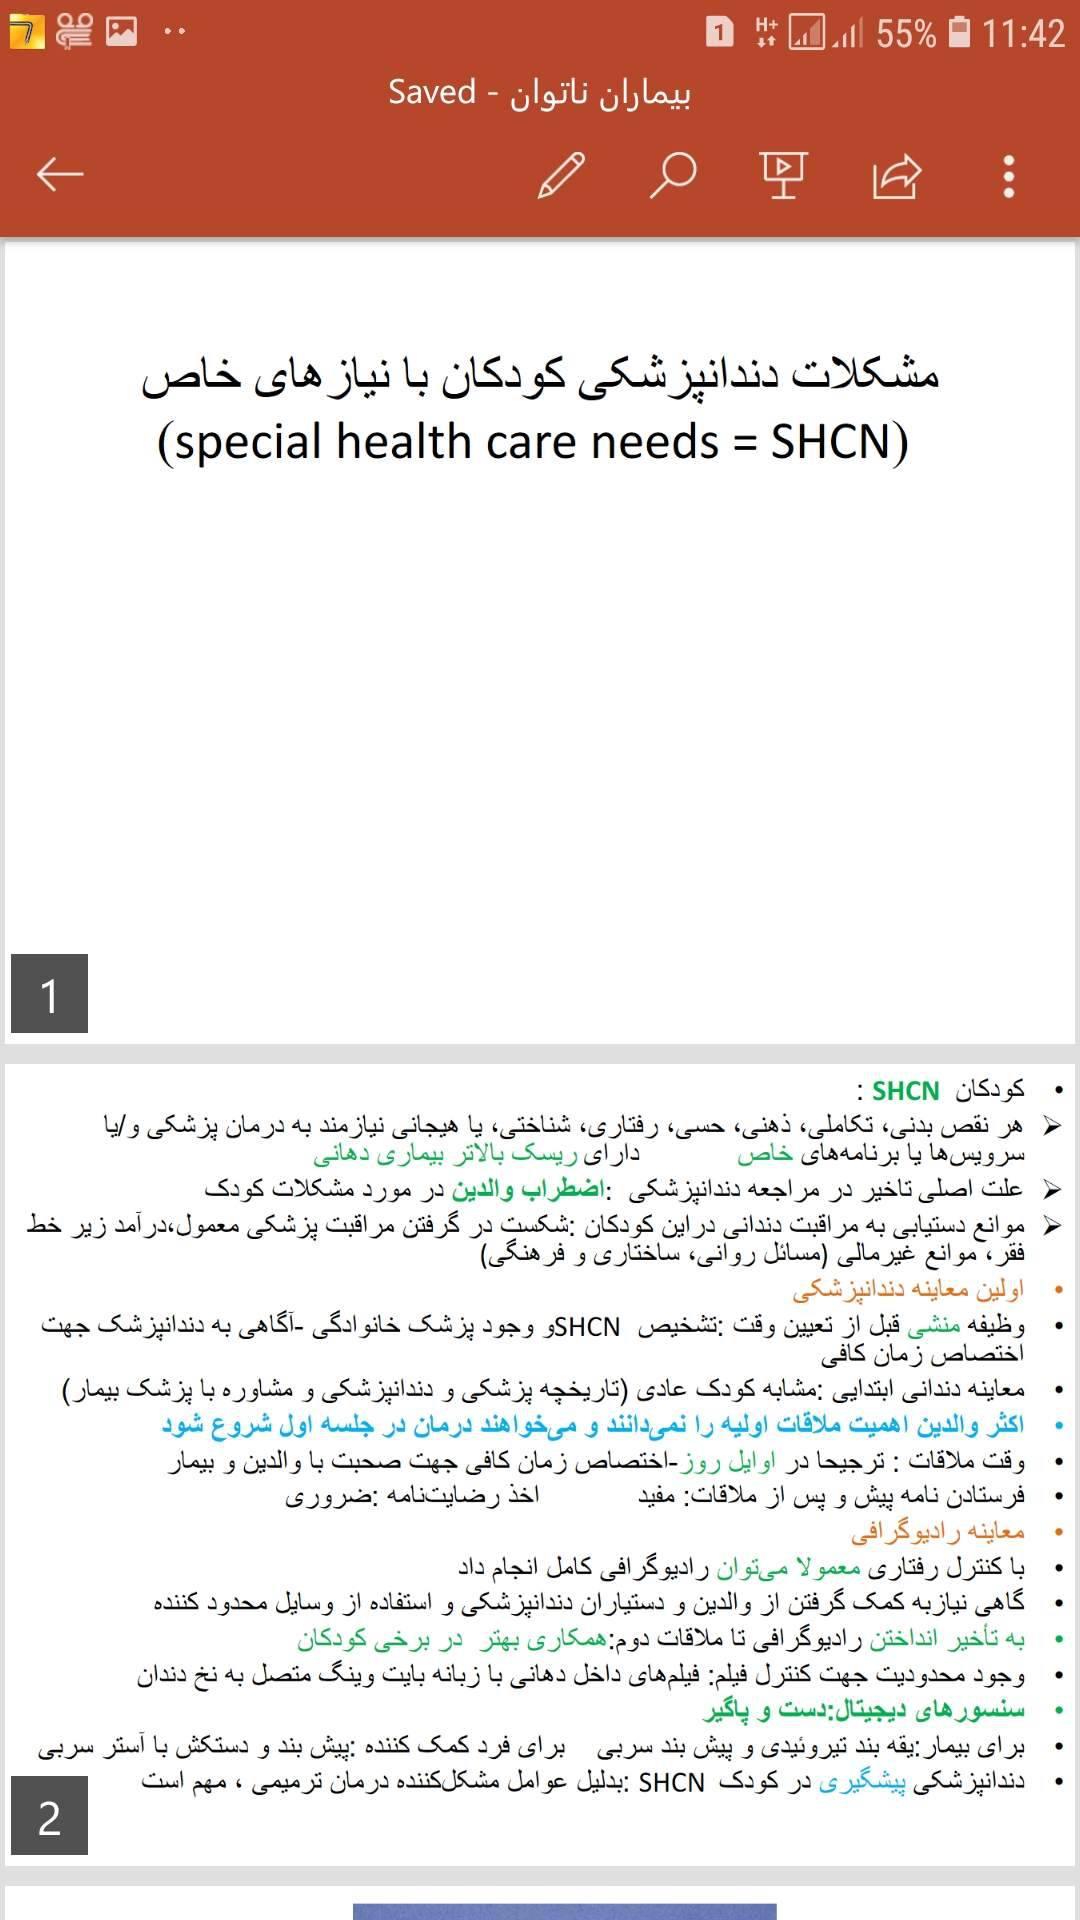 پاورپوینت مشکلات دندانپزشکی کودکان با نیازهای خاصneeds special health care